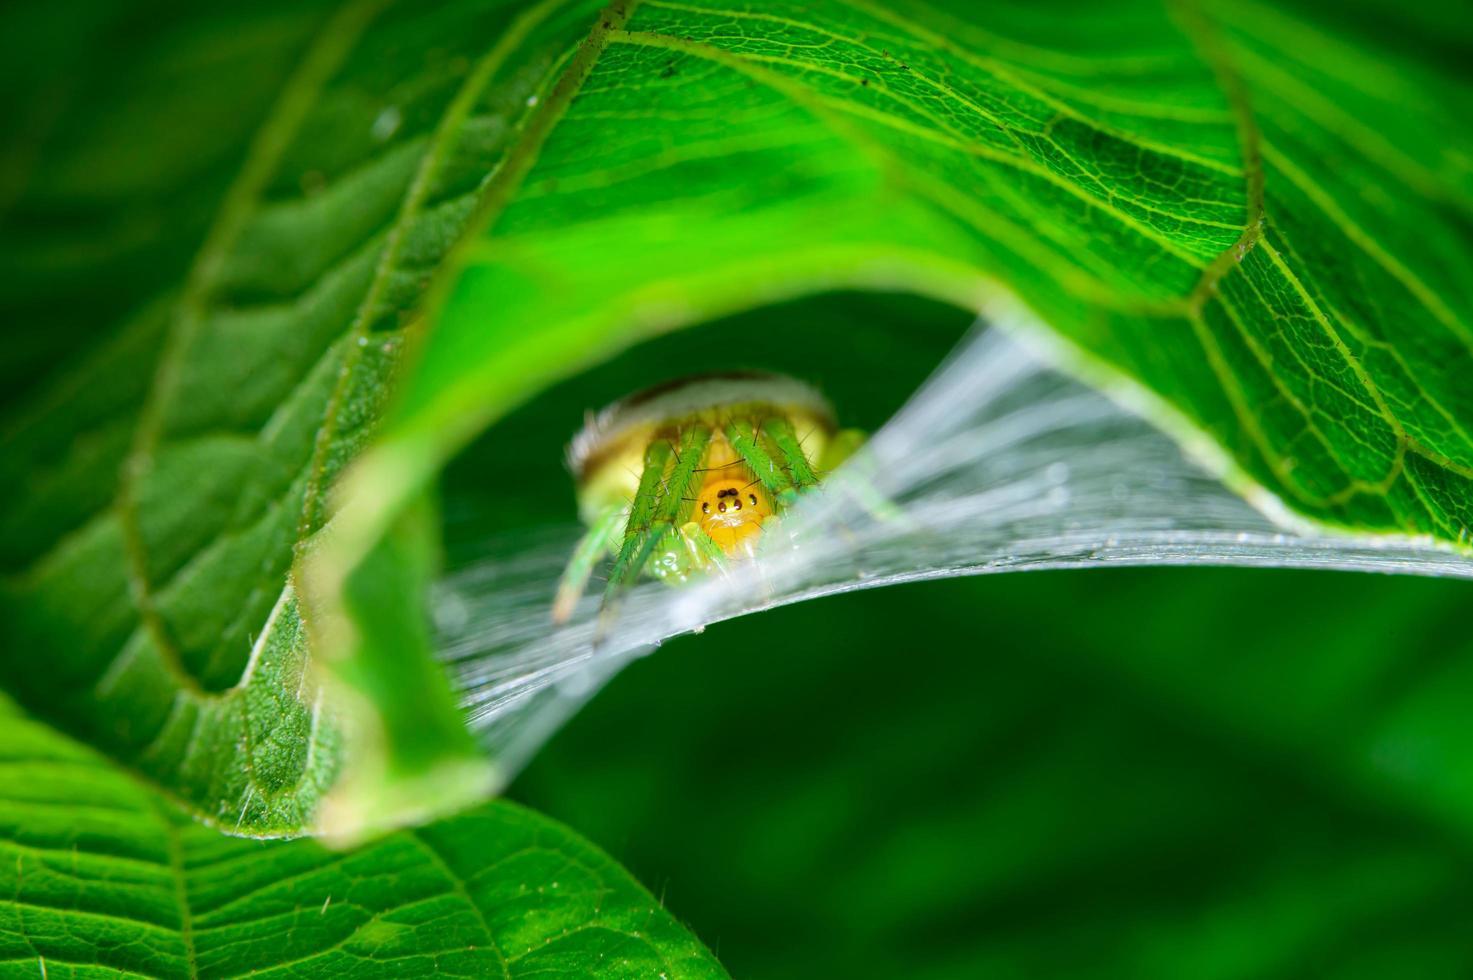 Spinne unter einem Blatt foto